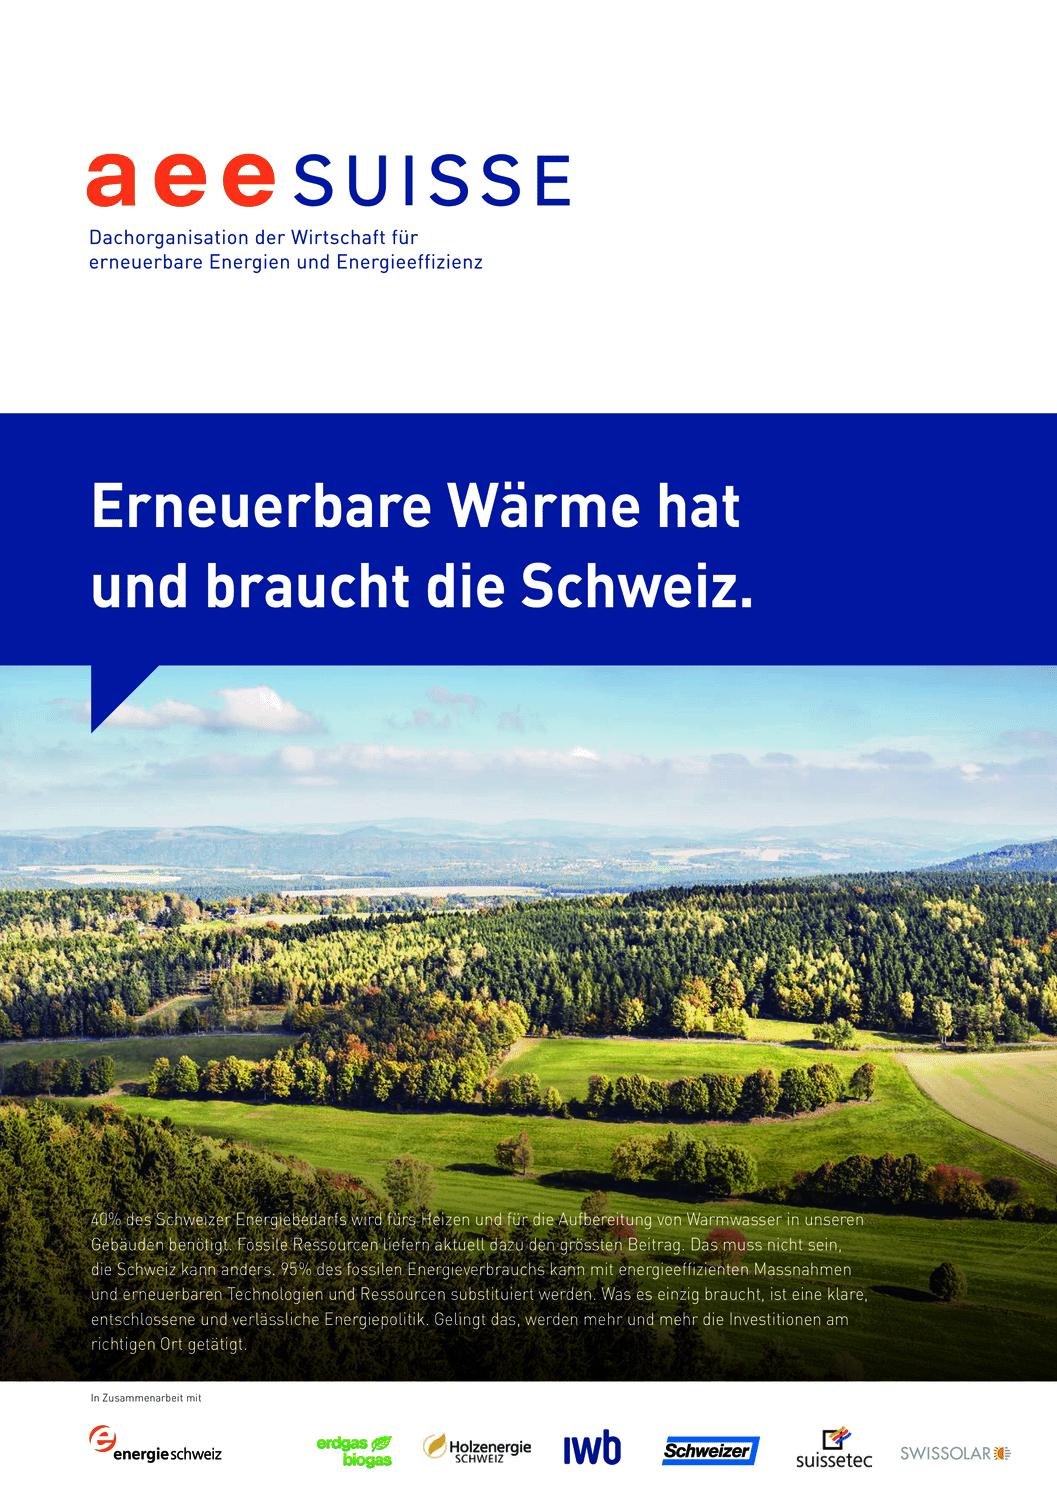 aee suisse Erneuerbare Waerme